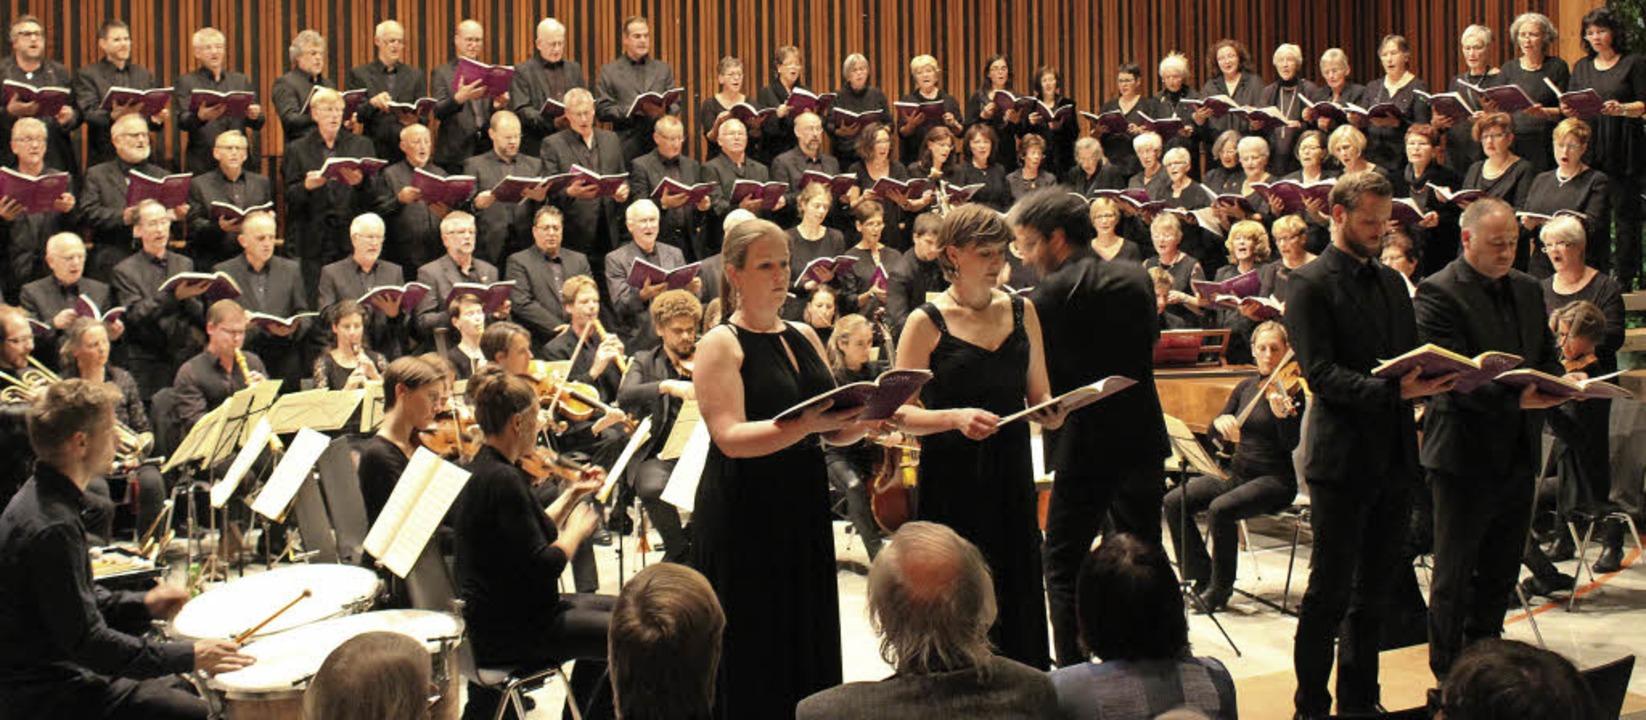 Die mitwirkenden Sänger und Musiker bo... Gundelfingen einen bewegenden Abend.     Foto: Erich Krieger